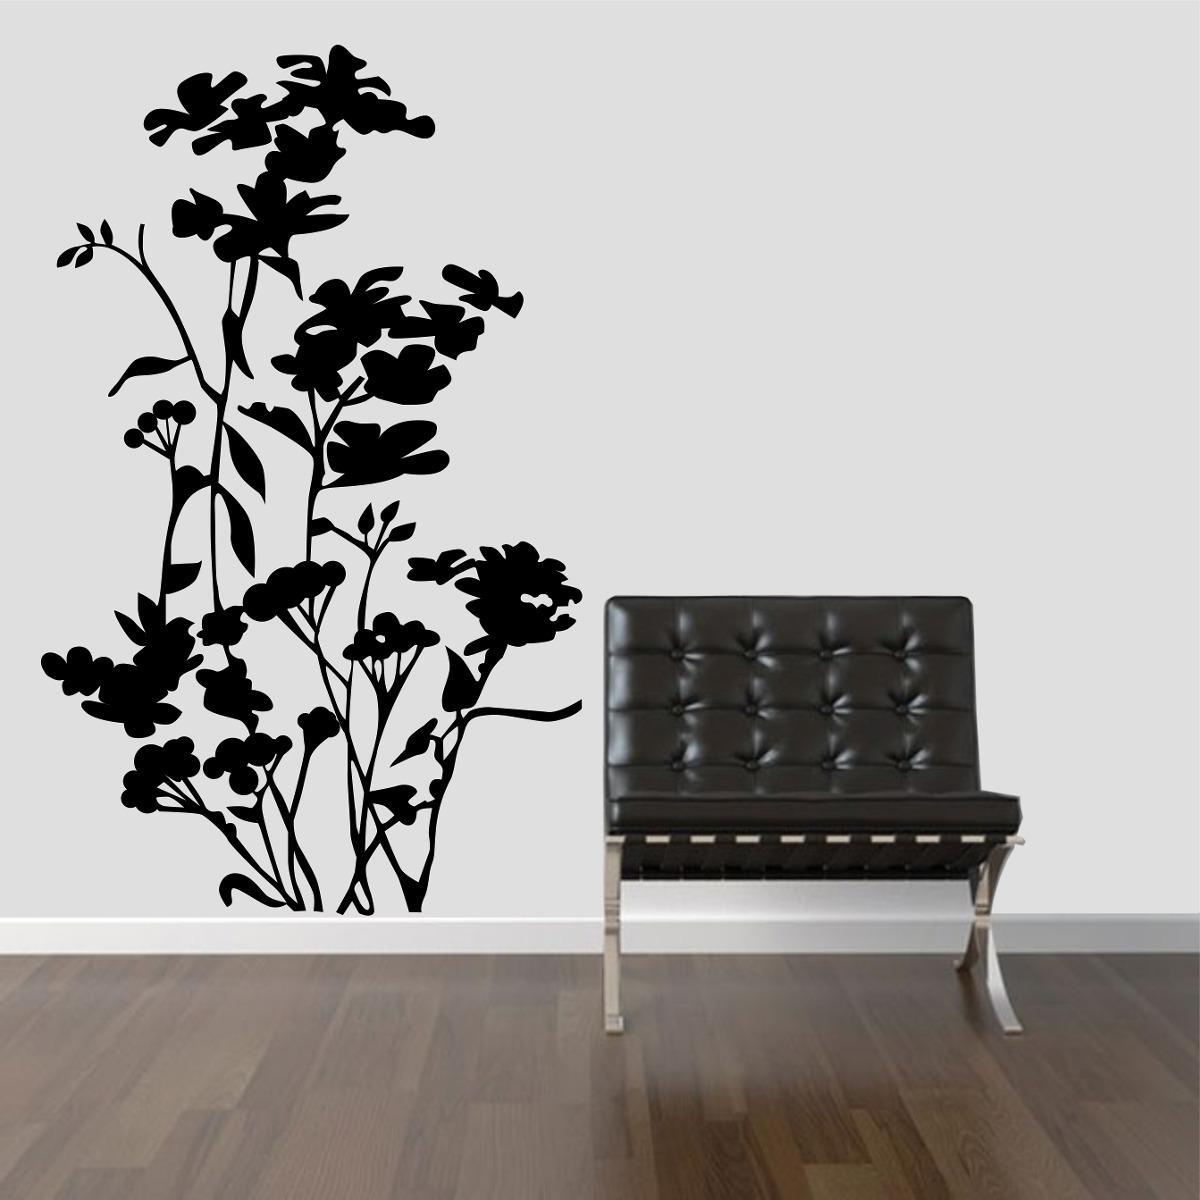 Aparador Verde Envejecido ~ Adesivo Decorativo Parede Quarto Sala Floral Flor Galho Rosa R$ 23,99 no MercadoLivre